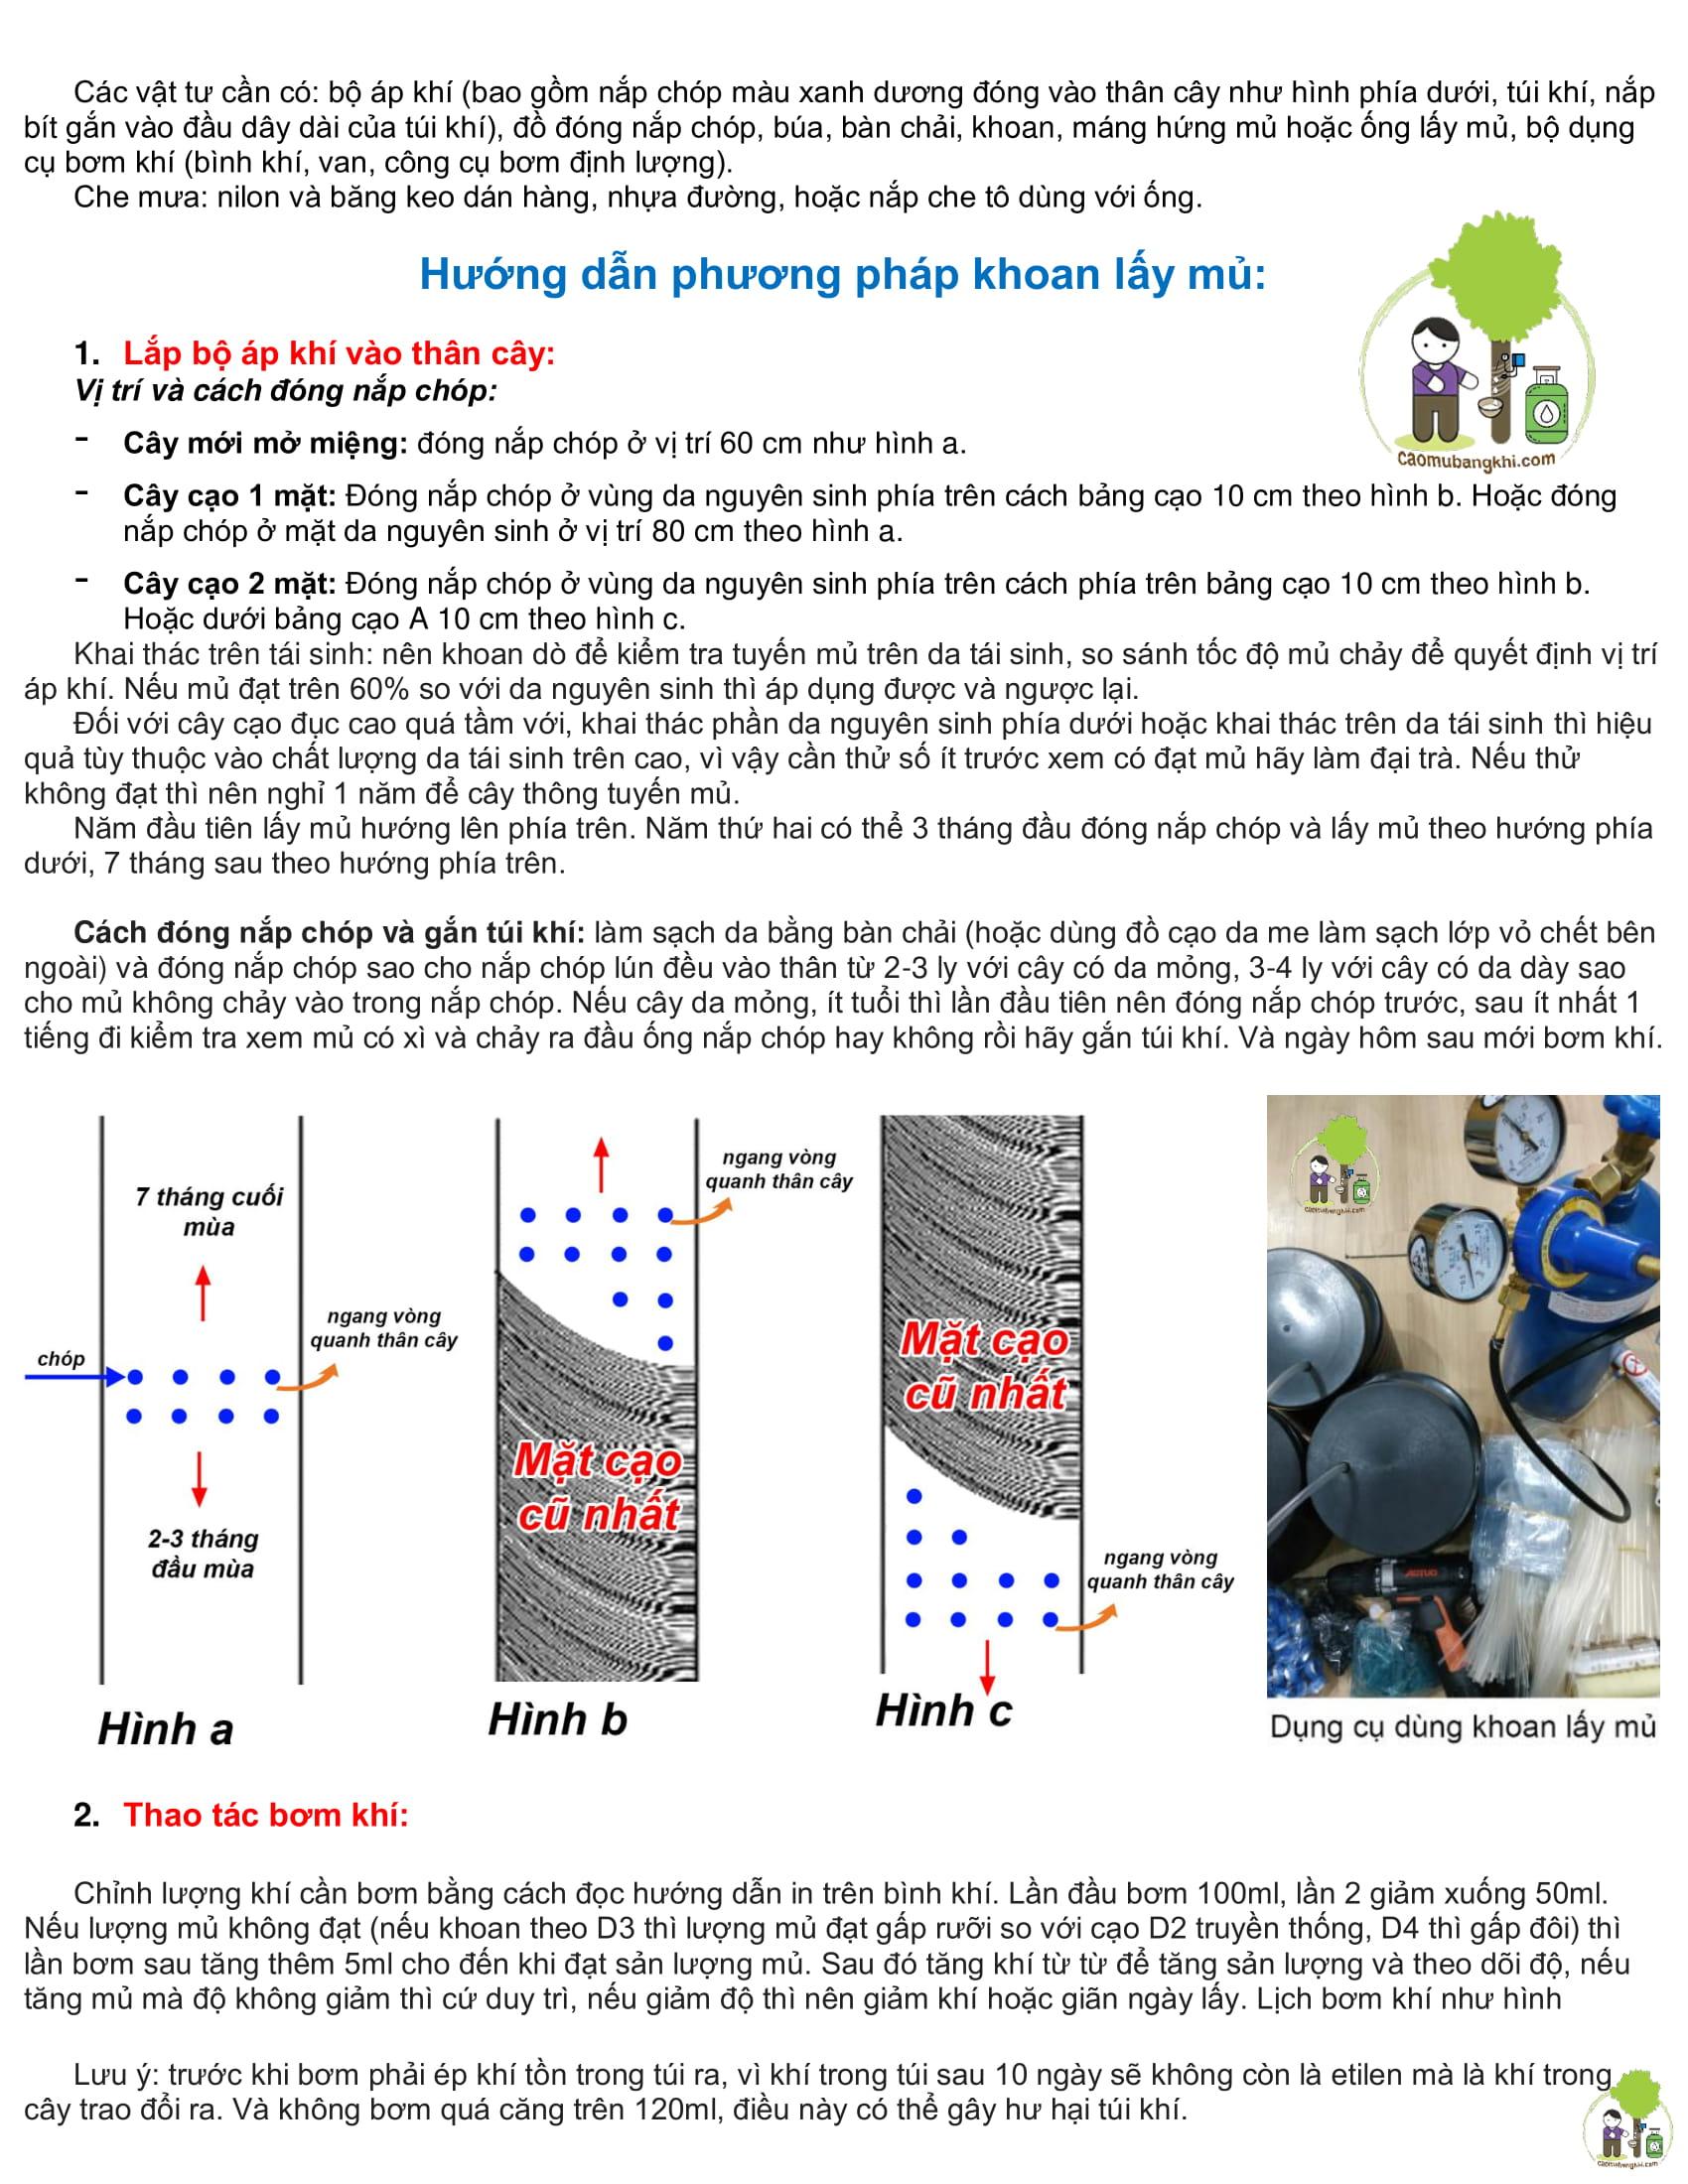 hướng dẫn quy trình khoan và cạo mủ bằng khí